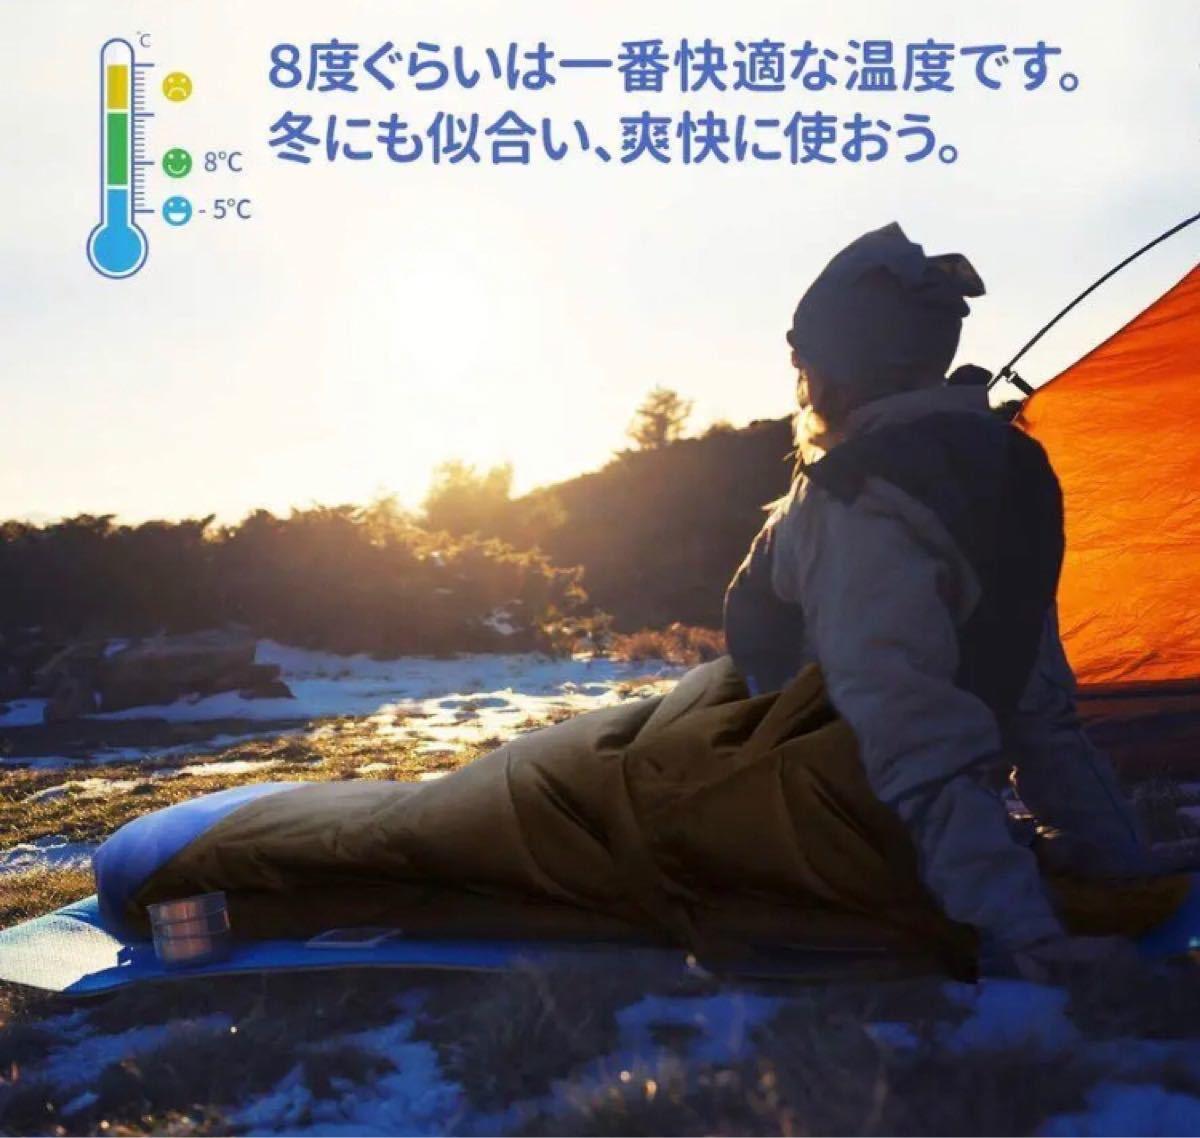 寝袋 シュラフ 封筒型 キャンプ アウトドア コンパクト シュラフ 寝袋 登山 防災グッズ 災害時 寝袋シュラフ スリーピング